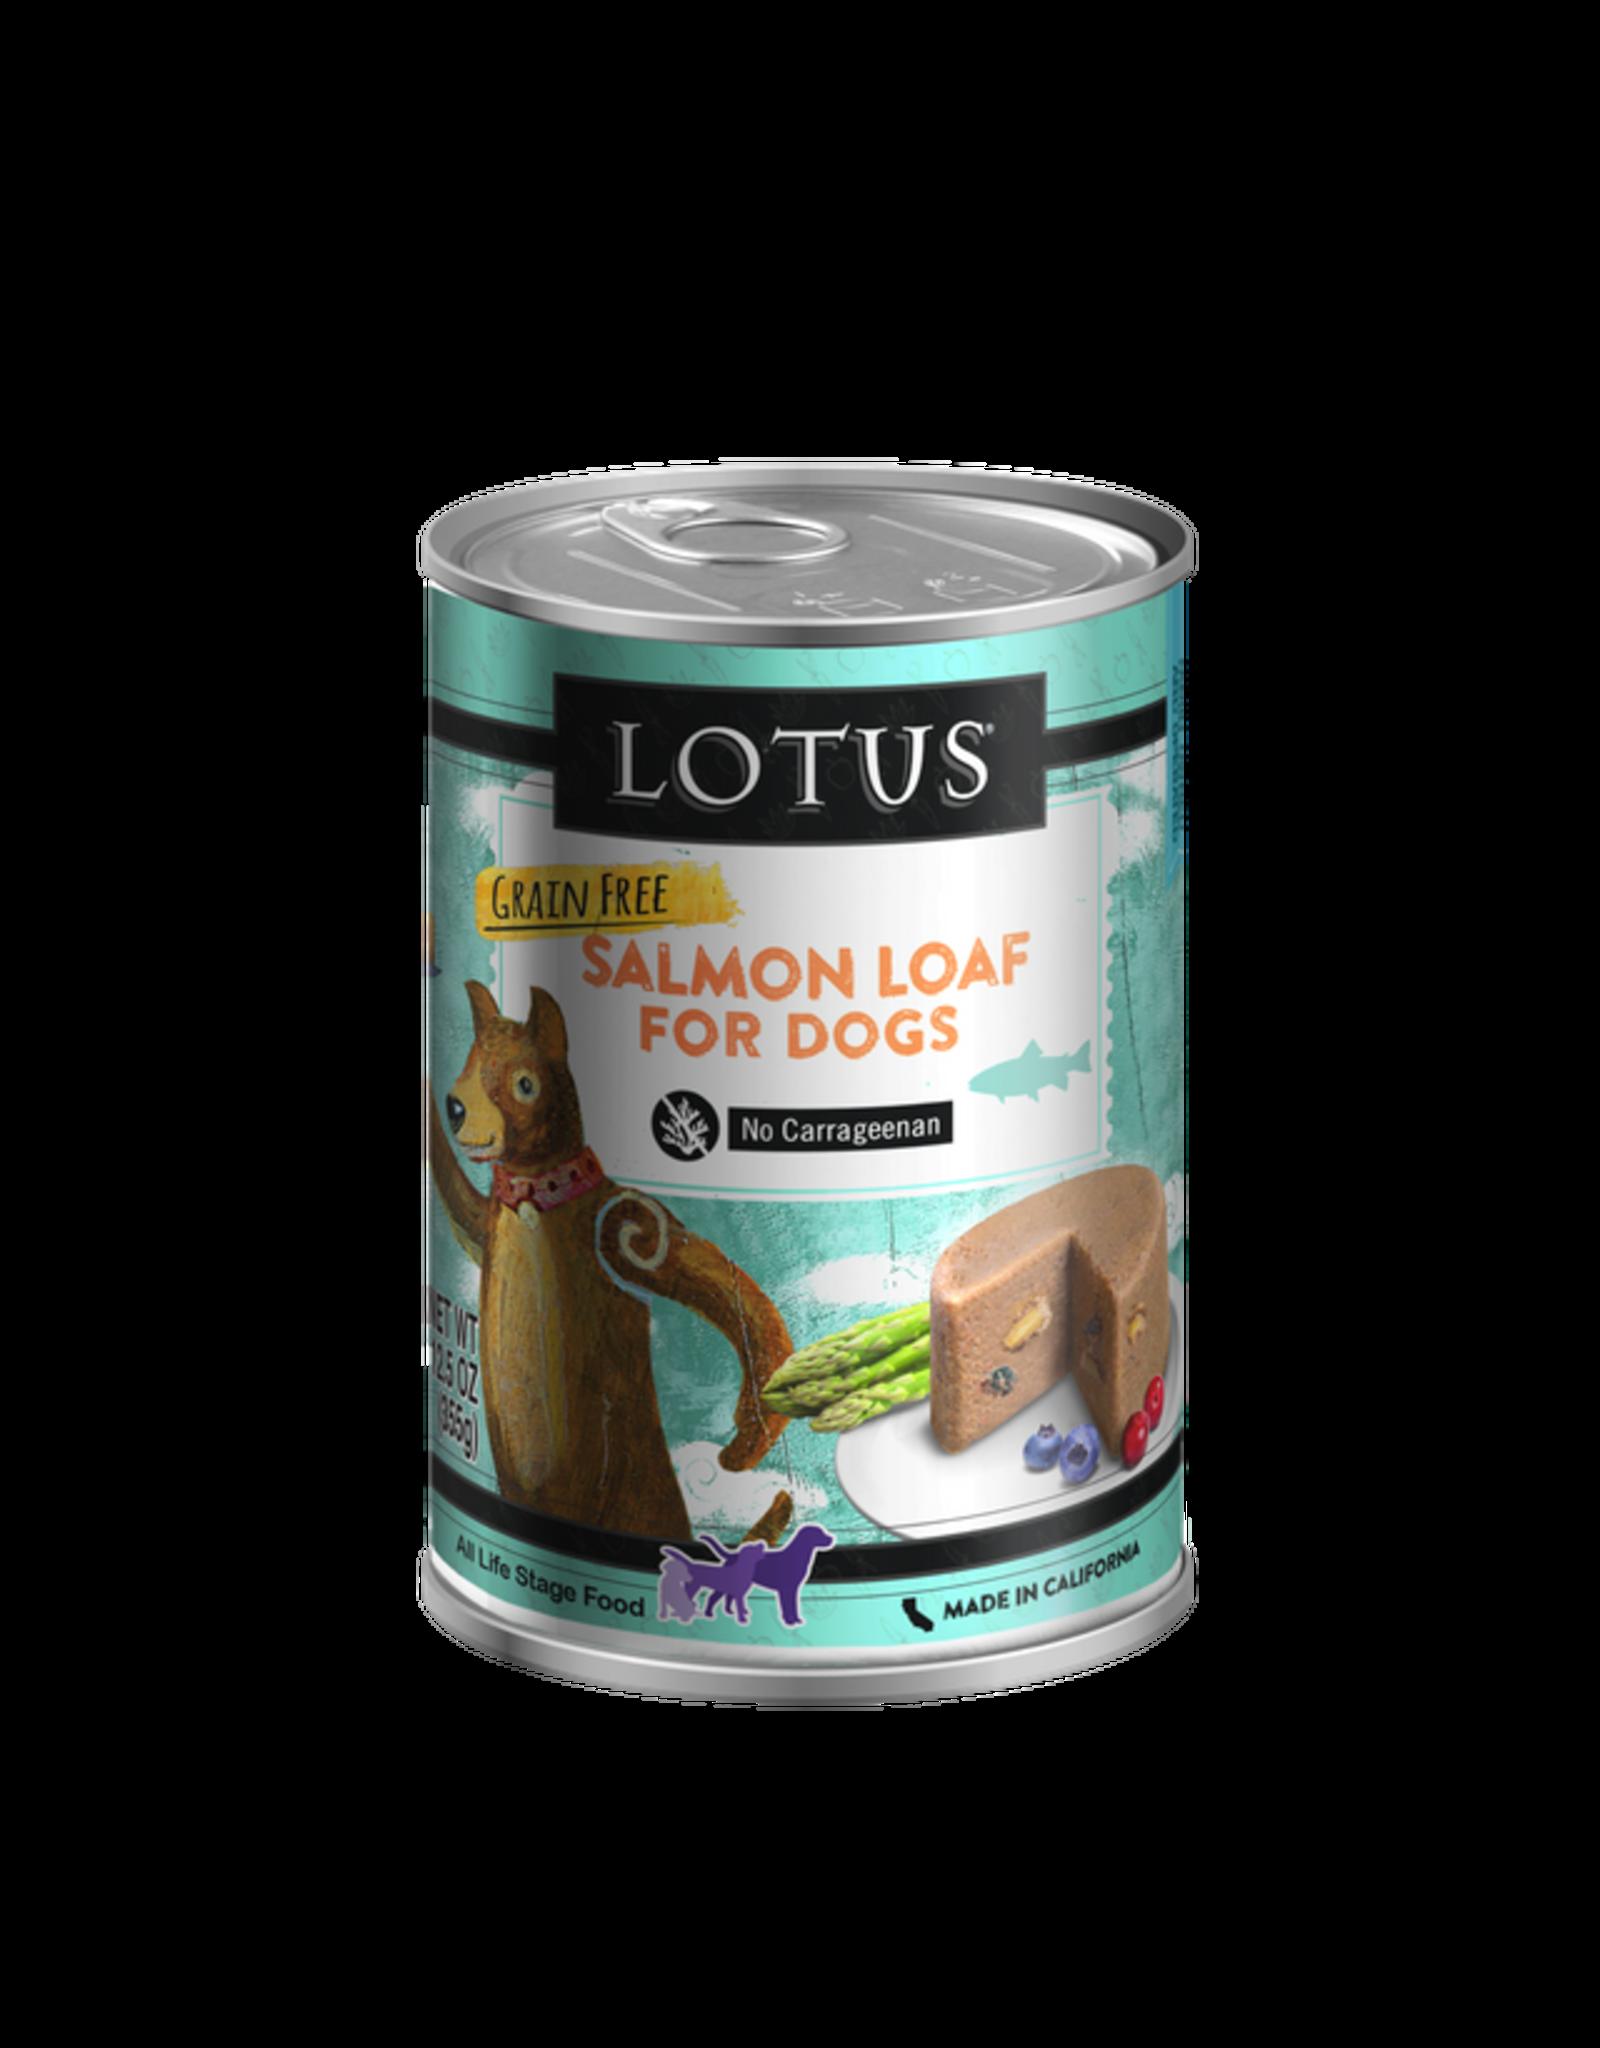 Lotus Pet Food Lotus Dog Salmon Loaf 12.5oz